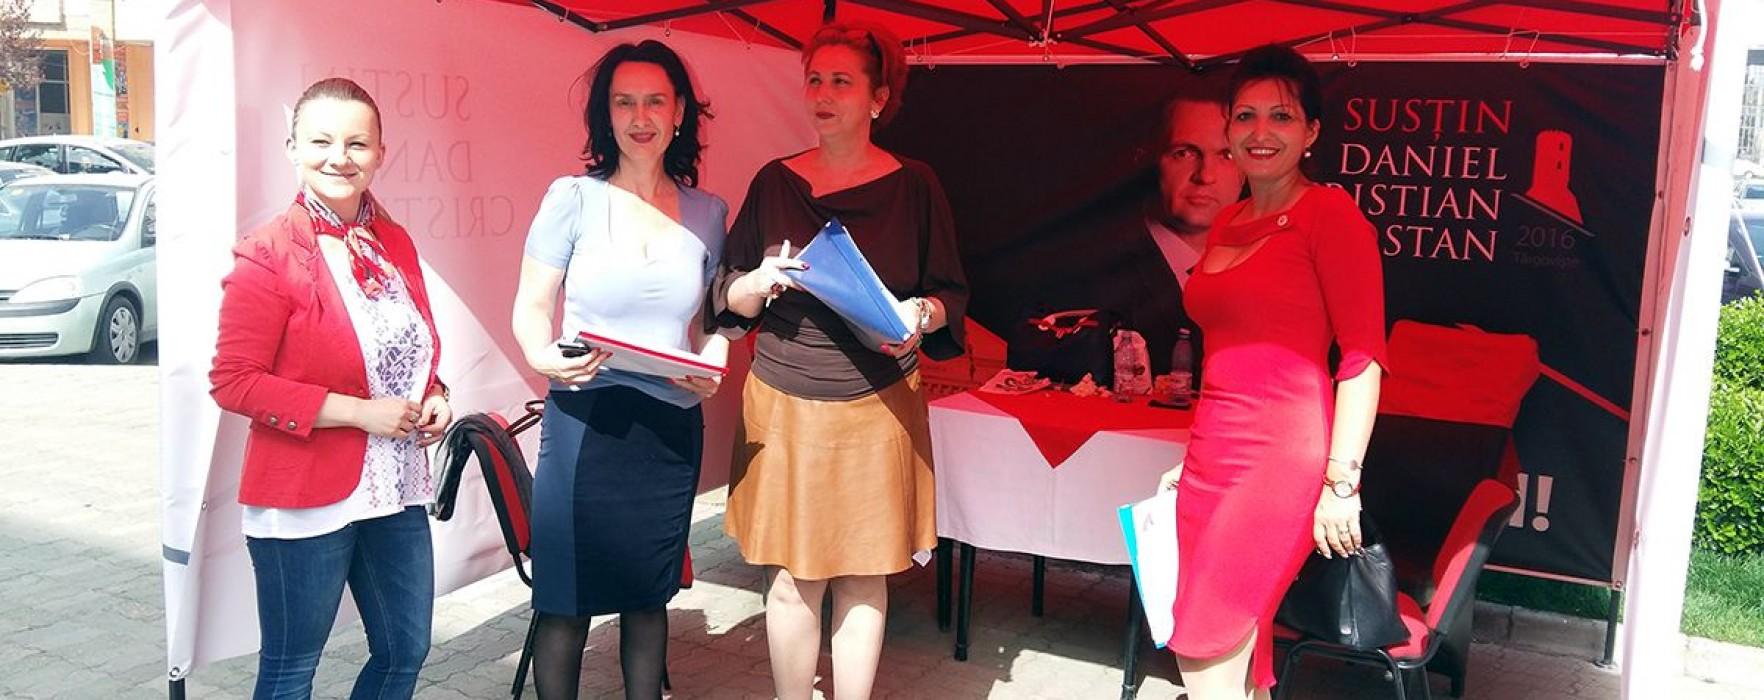 Organizaţia de femei a PSD Târgovişte s-a implicat activ în strângerea de semnături pentru Cristian Stan